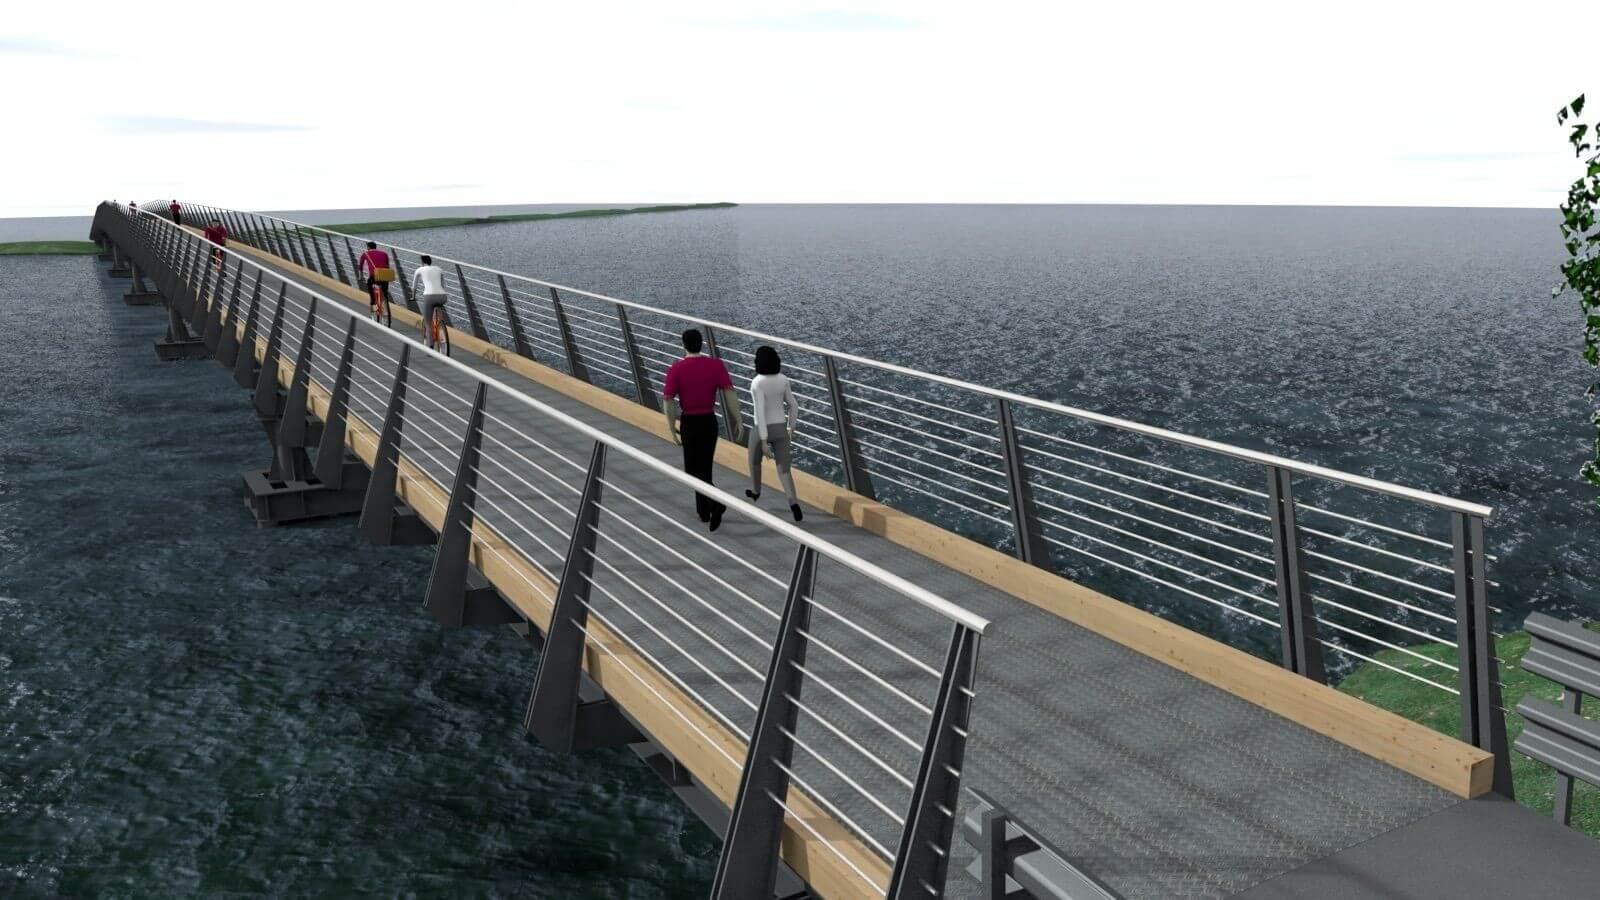 Hidakat épít a szegedi kajak-kenu pálya szigetéhez az A-Híd